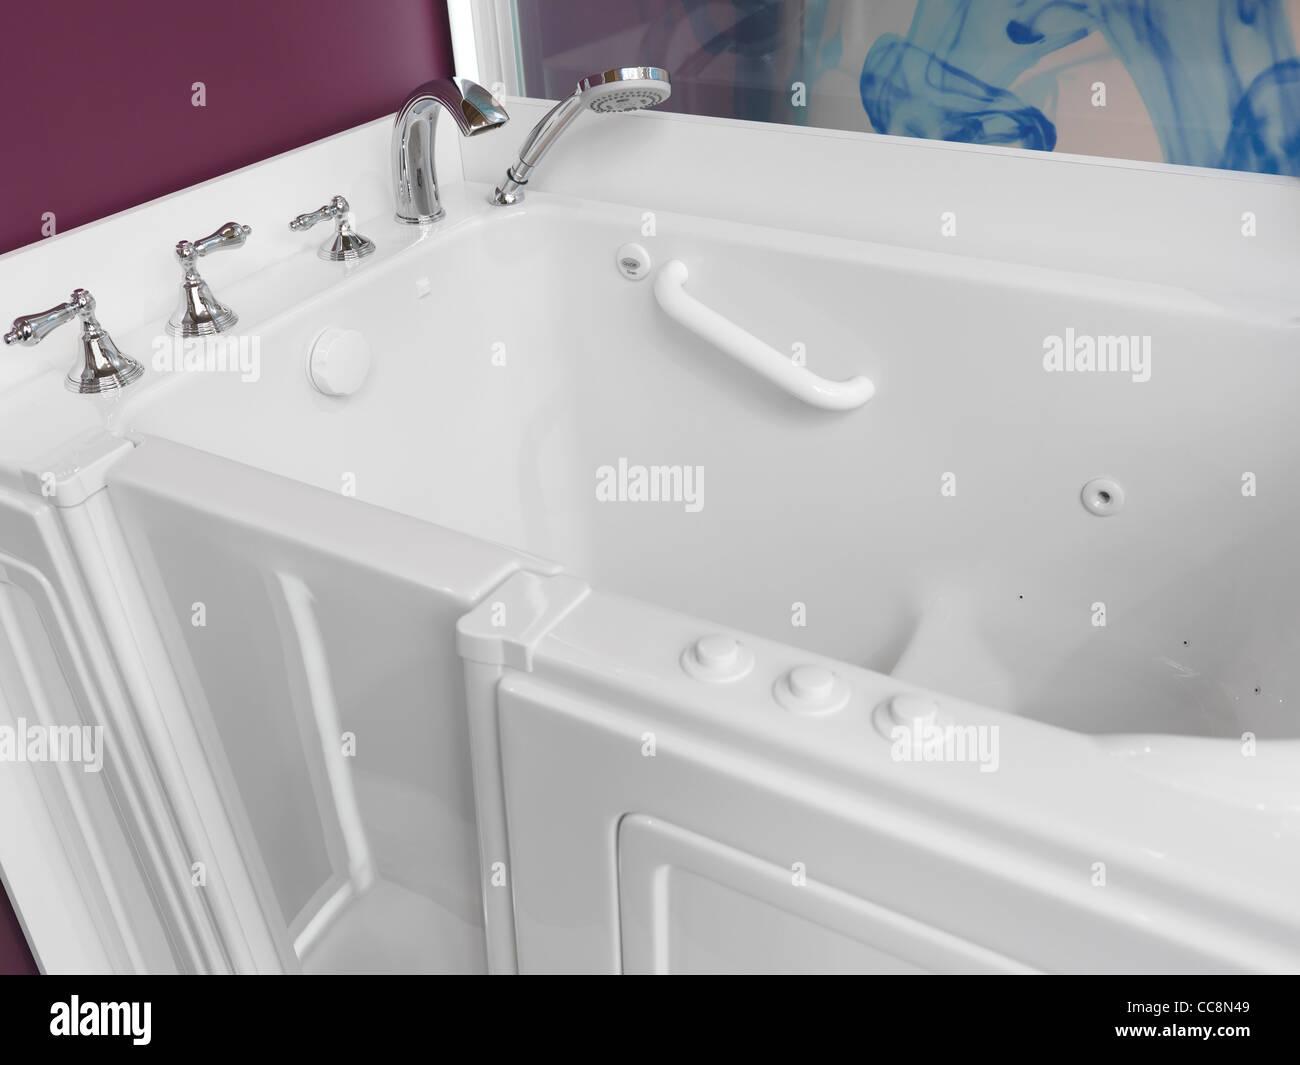 Vasca Da Bagno Con Seduta : Sovrapposizione vasca da bagno con seduta eseguita a firenze in